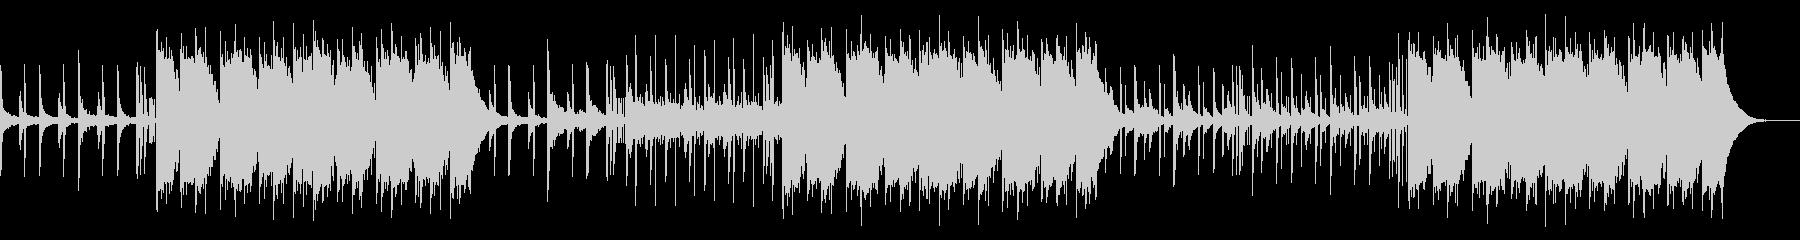 ダークトラップ 悲しいピアノ バイオリンの未再生の波形